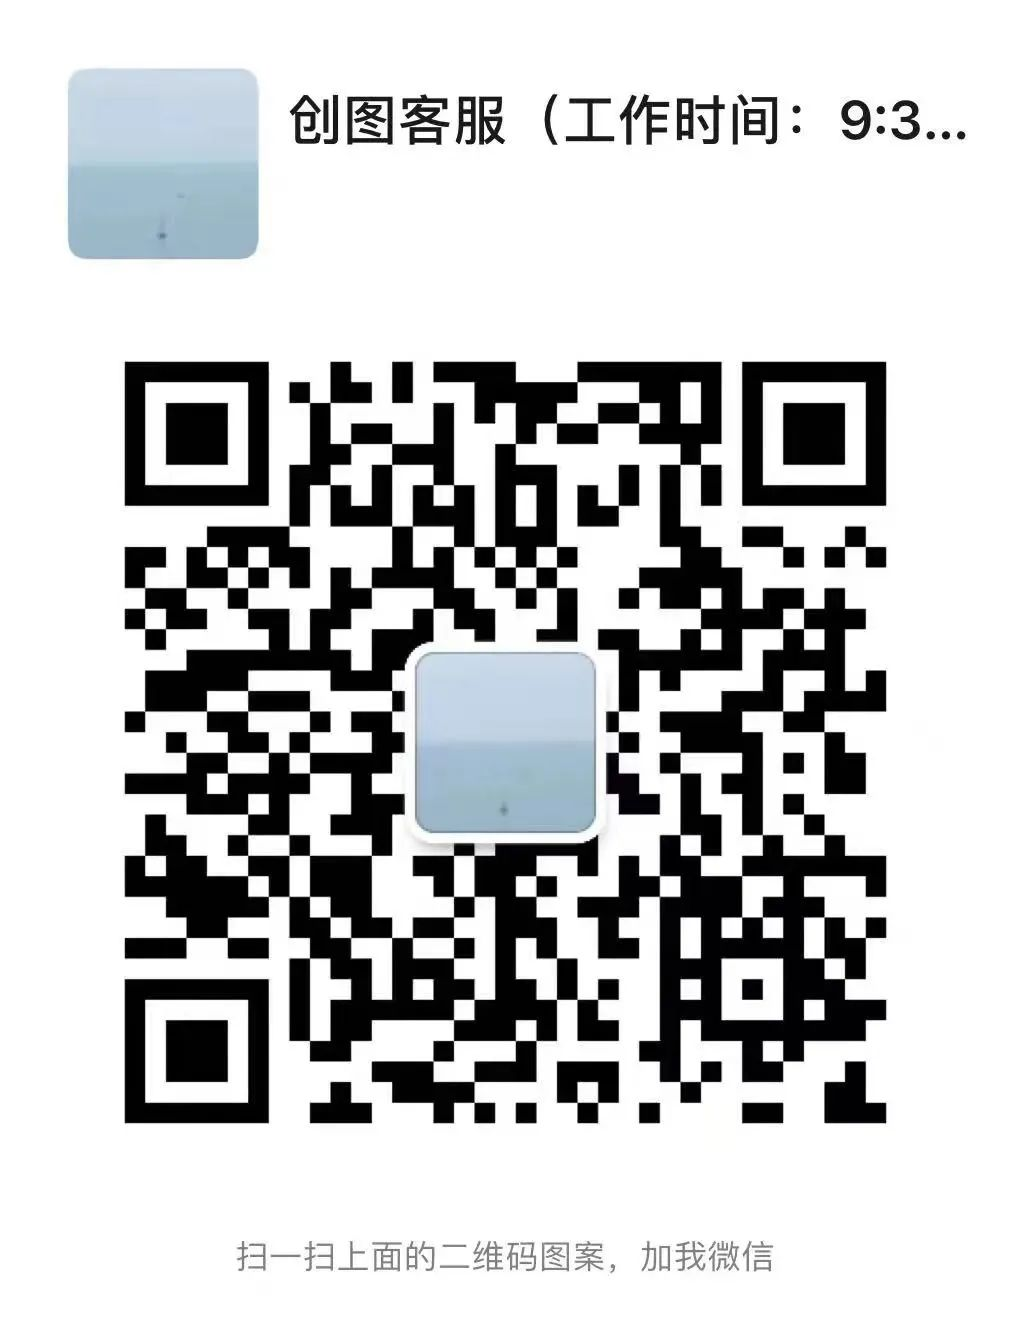 2020年度广东省公共文化服务,由你来评分!